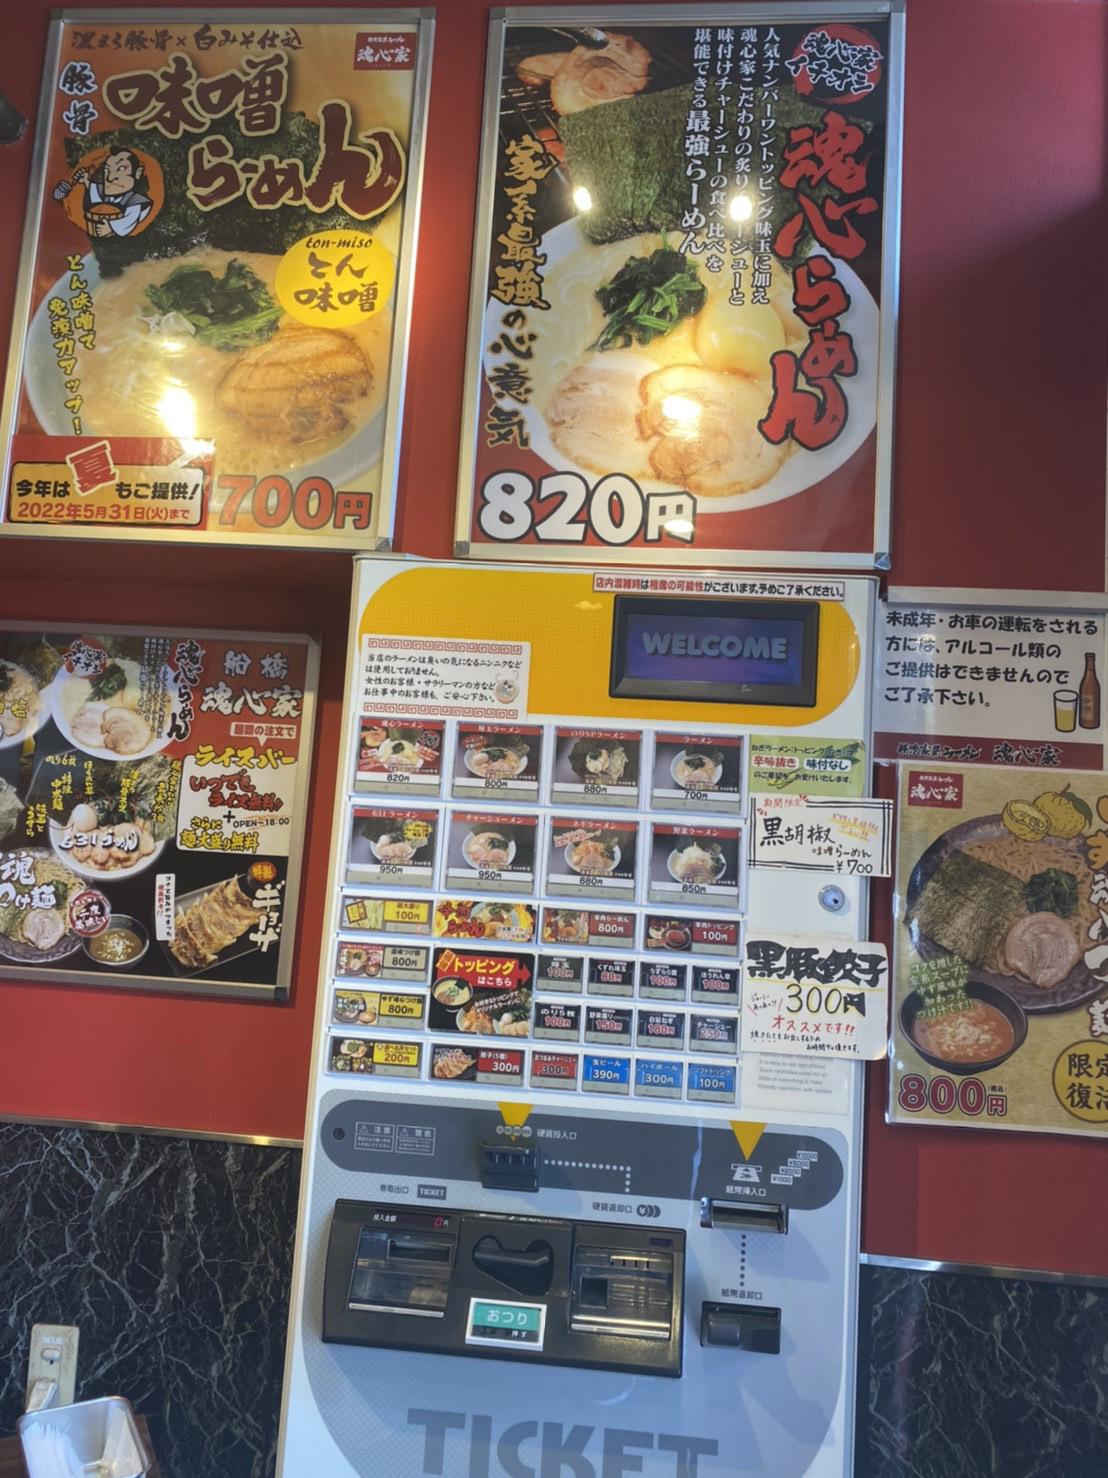 店内の券売機の写真